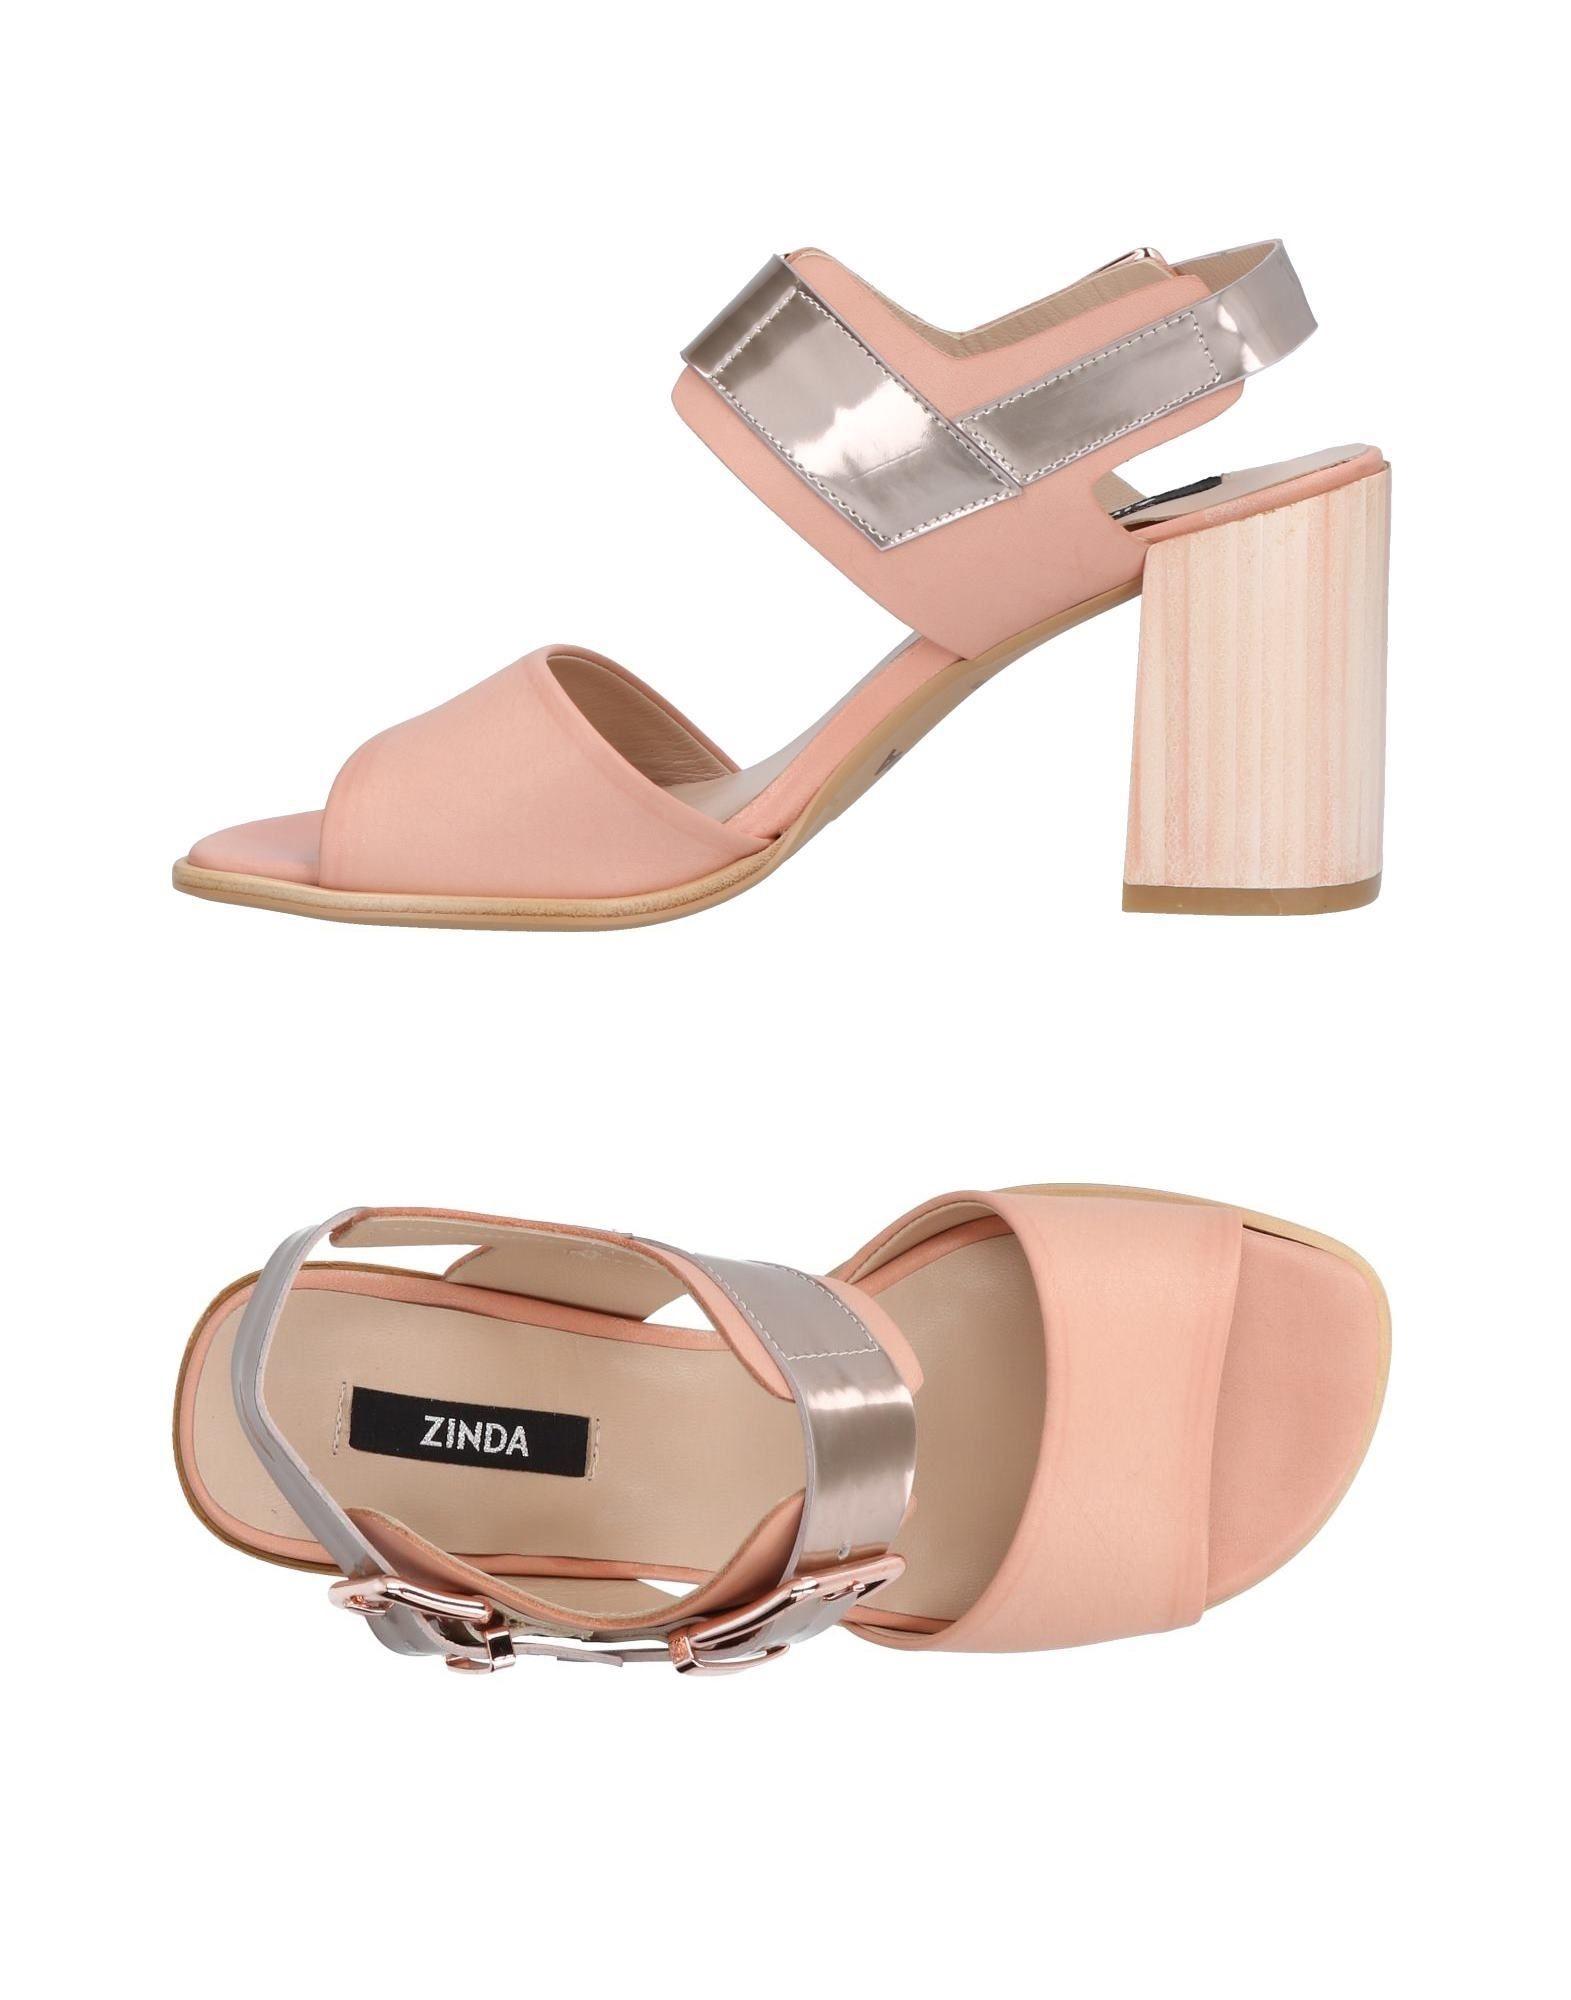 Zinda Sandalen Damen  11471779CV Gute Qualität beliebte Schuhe